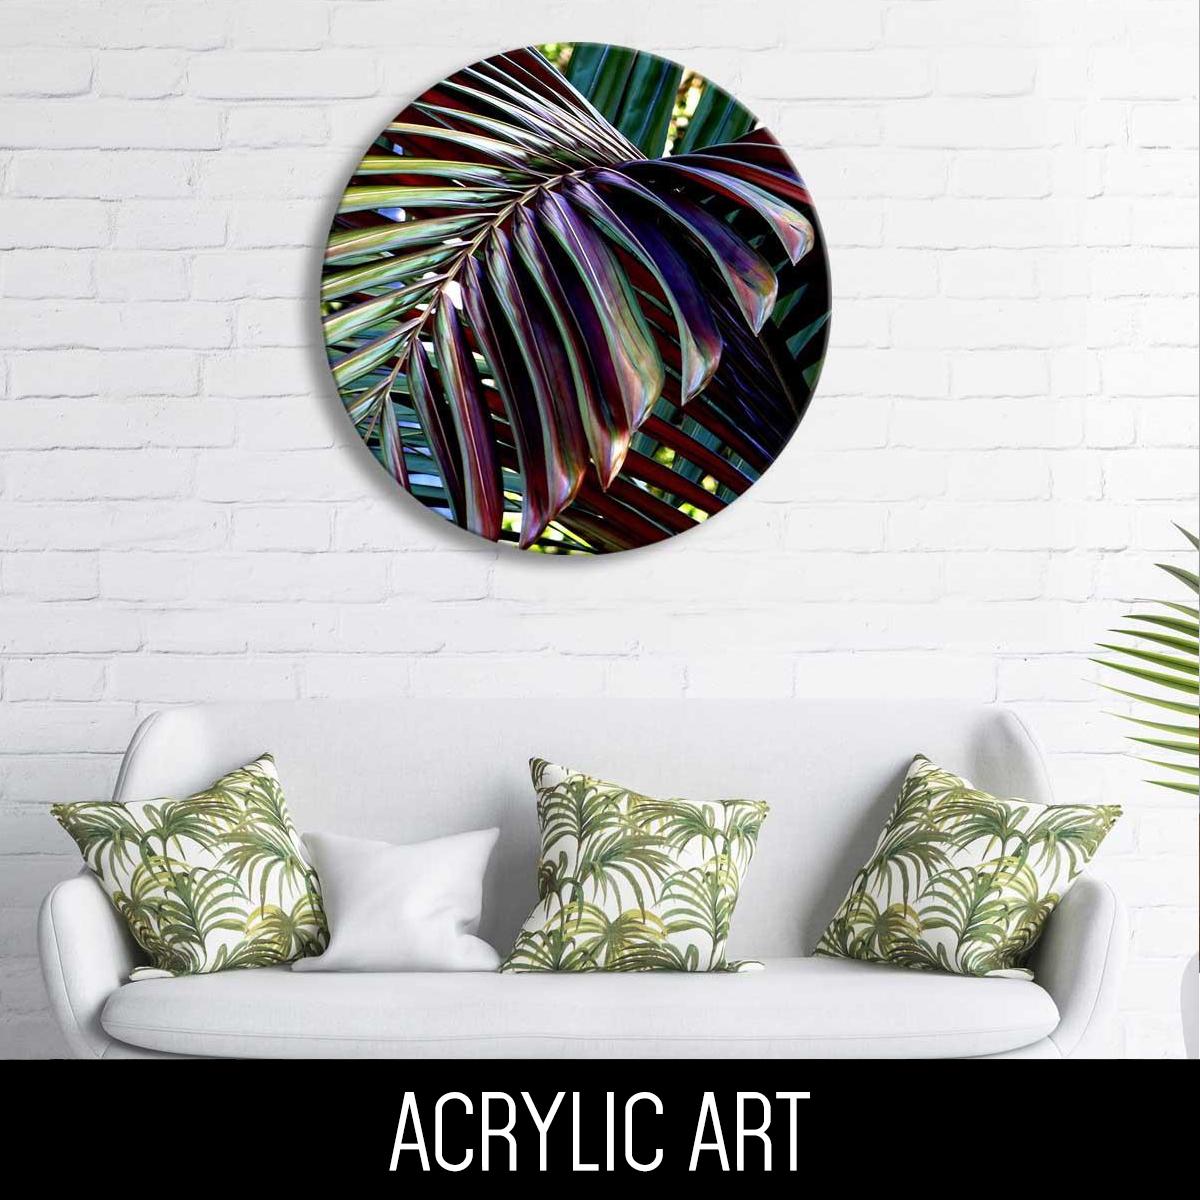 ACRYLICS